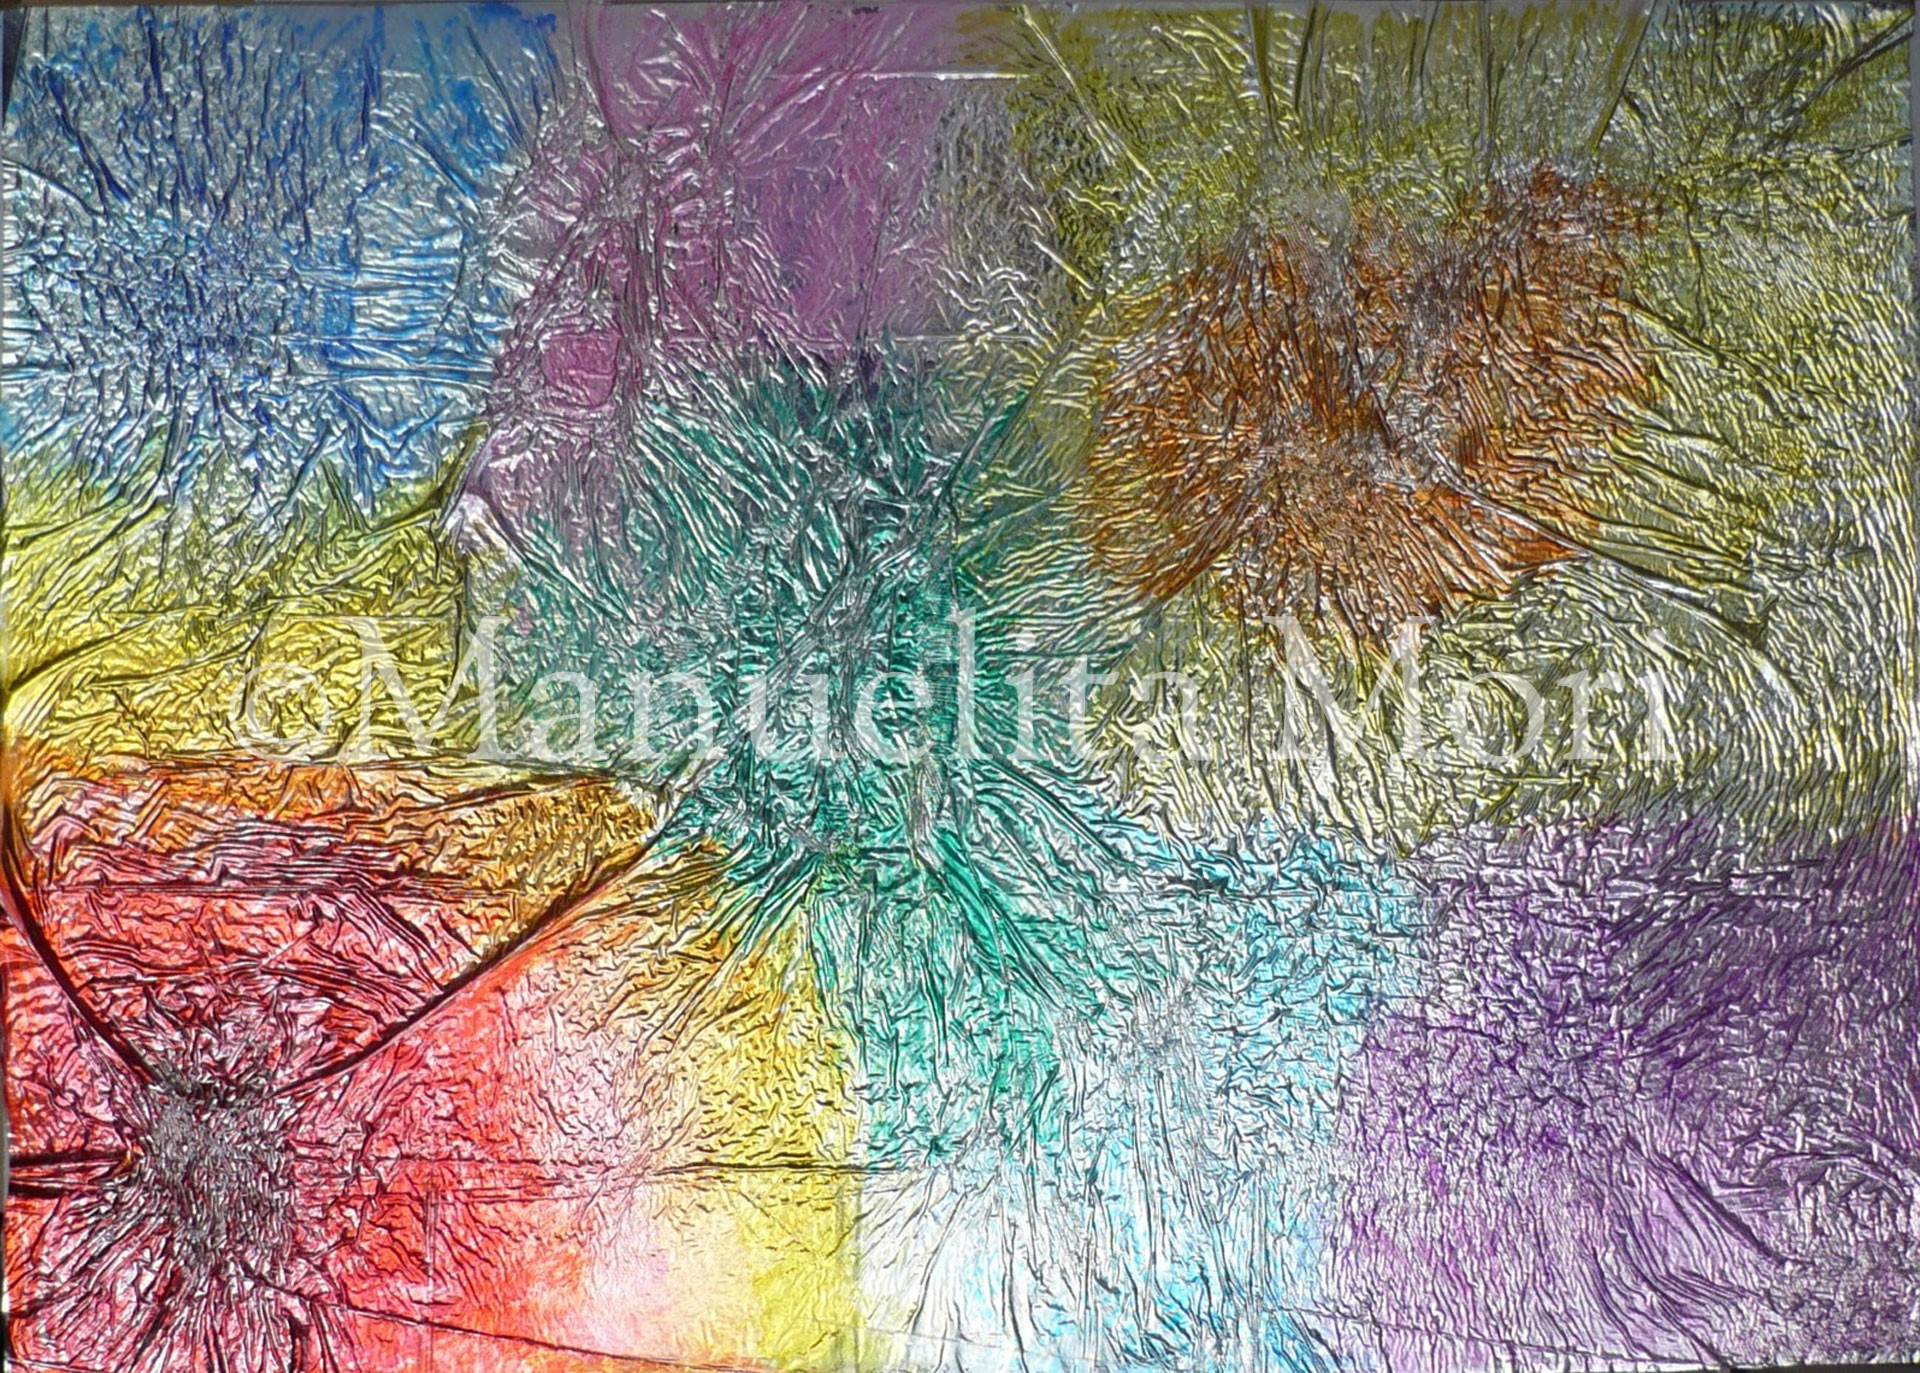 opera 'Giochi di luci' dell'artista Manuelita Mori, pittrice contemporanea.